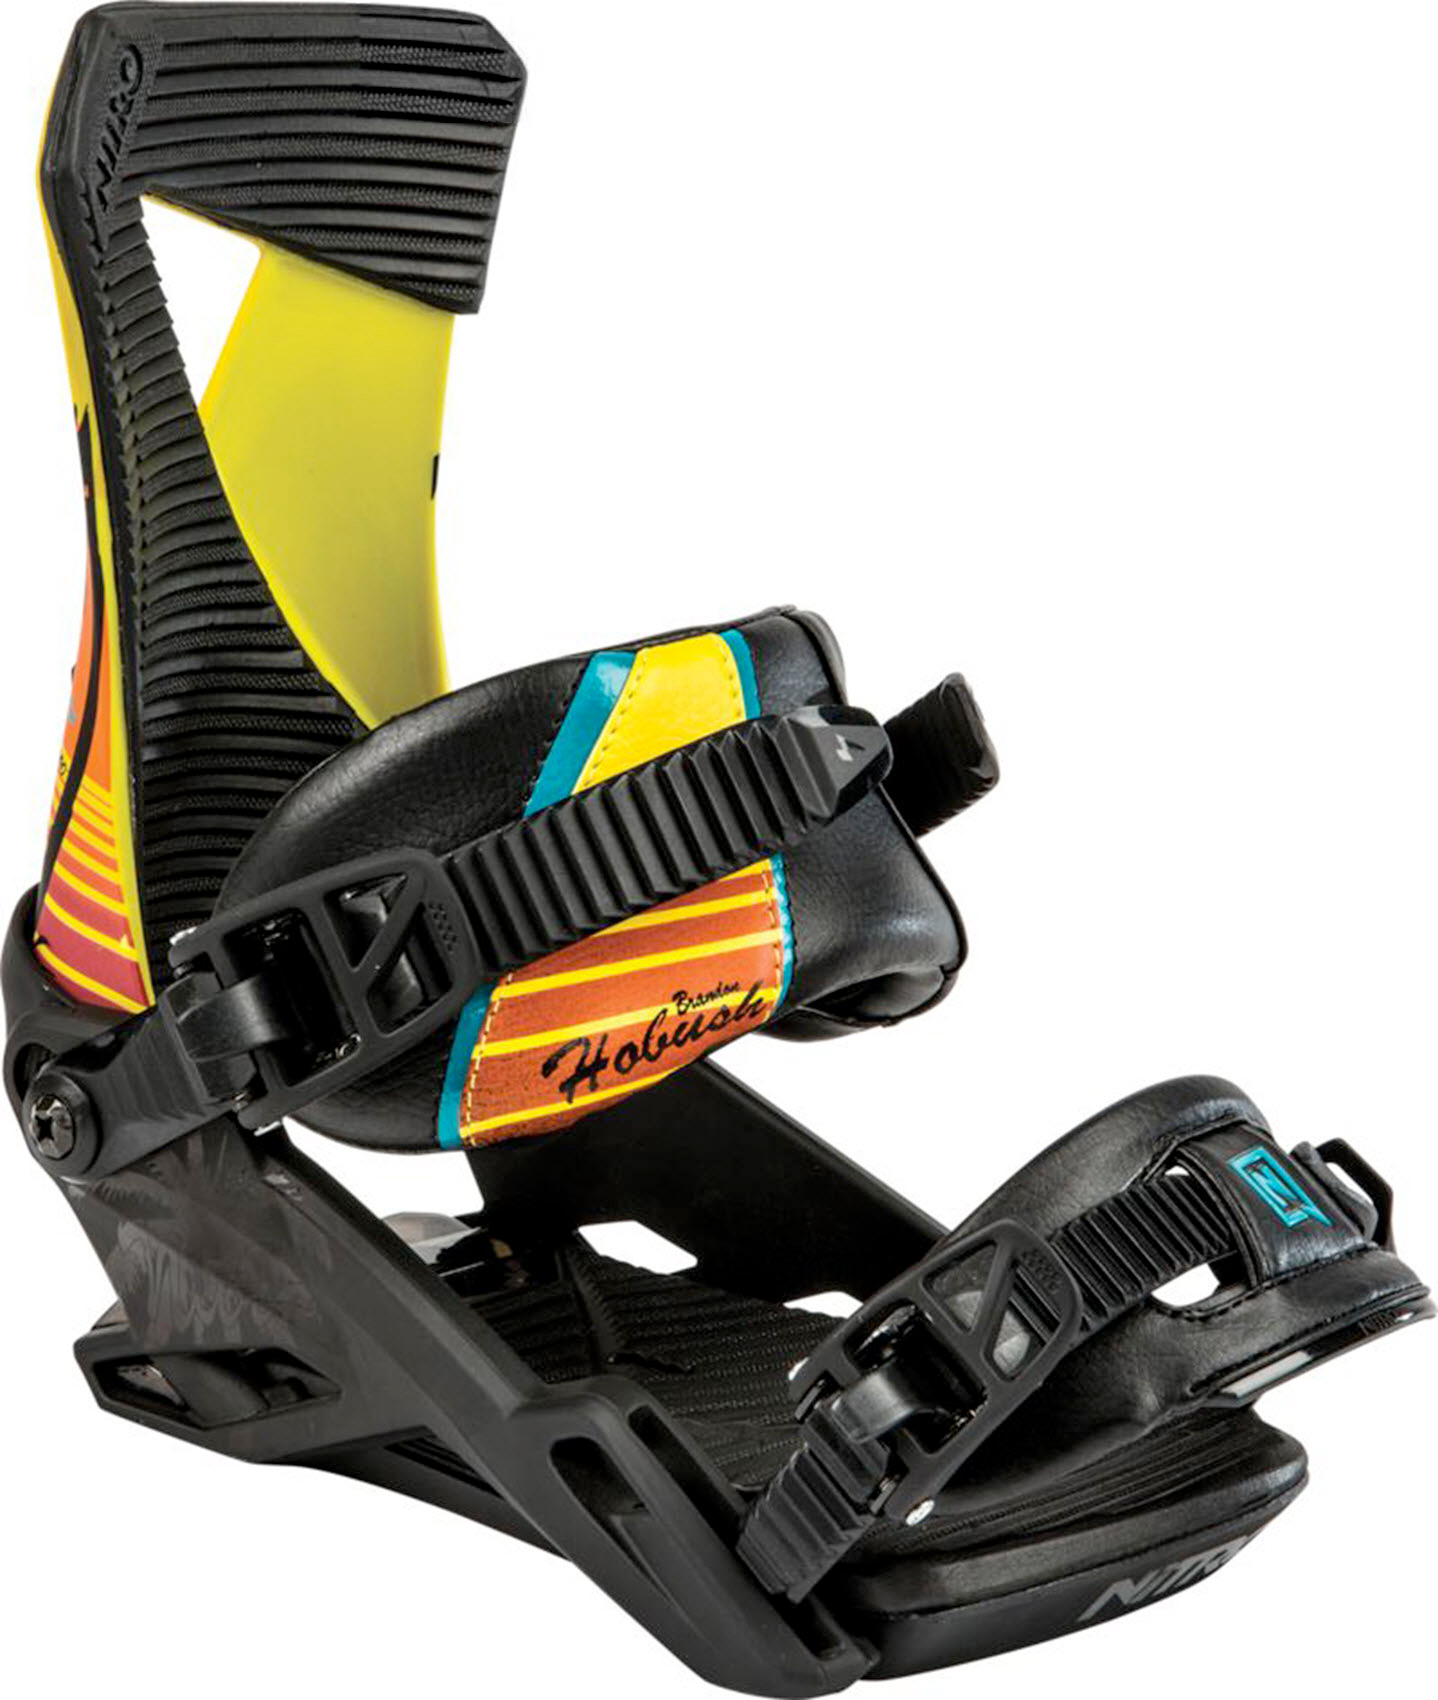 Nitro Zero Snowboard Bindings 2015 Two Strap All-Mountain